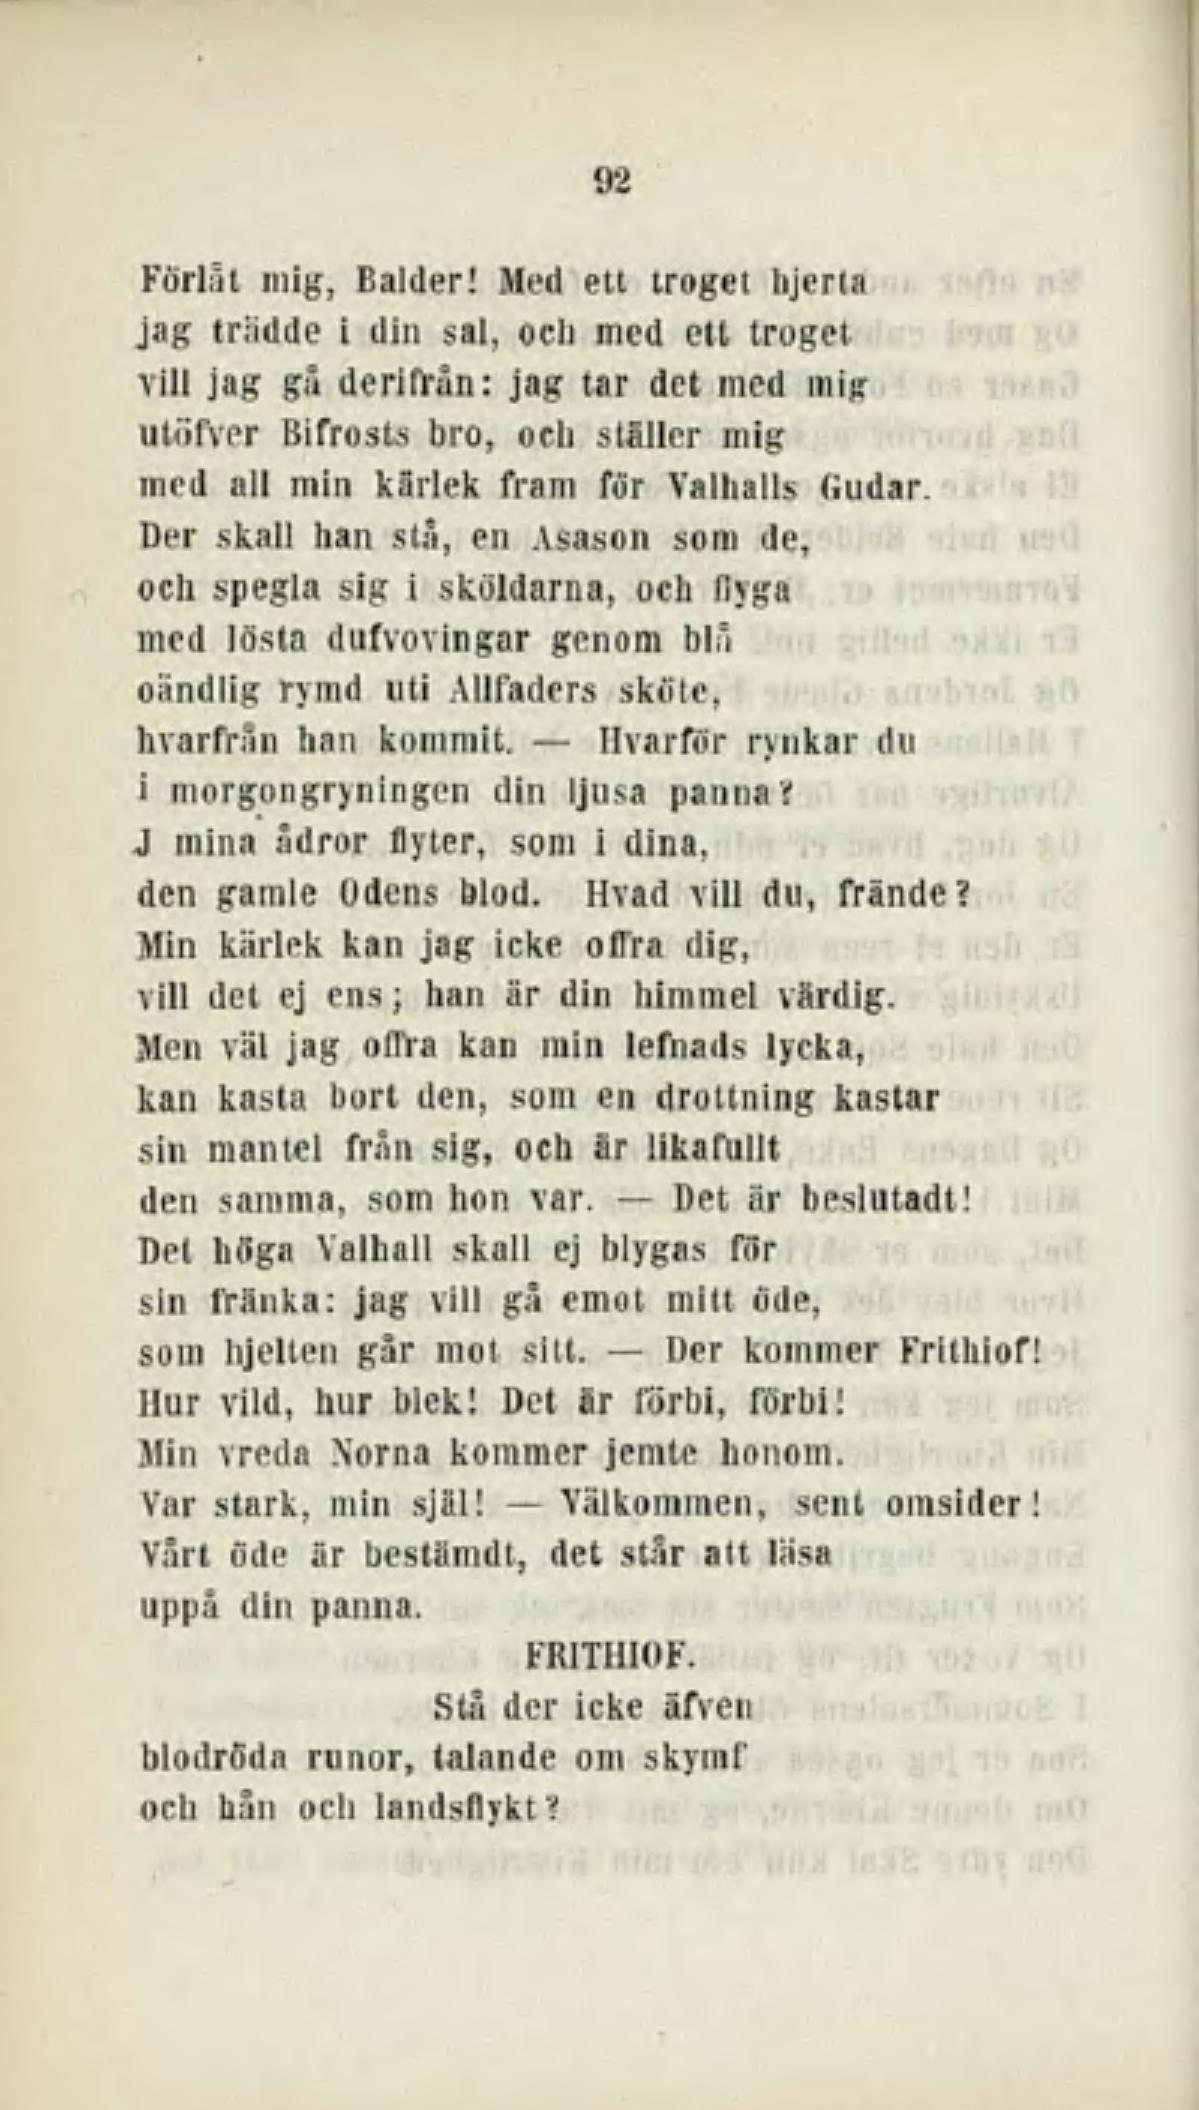 mötesplatsen läsa meddelanden Sollentuna och Upplands Väsby